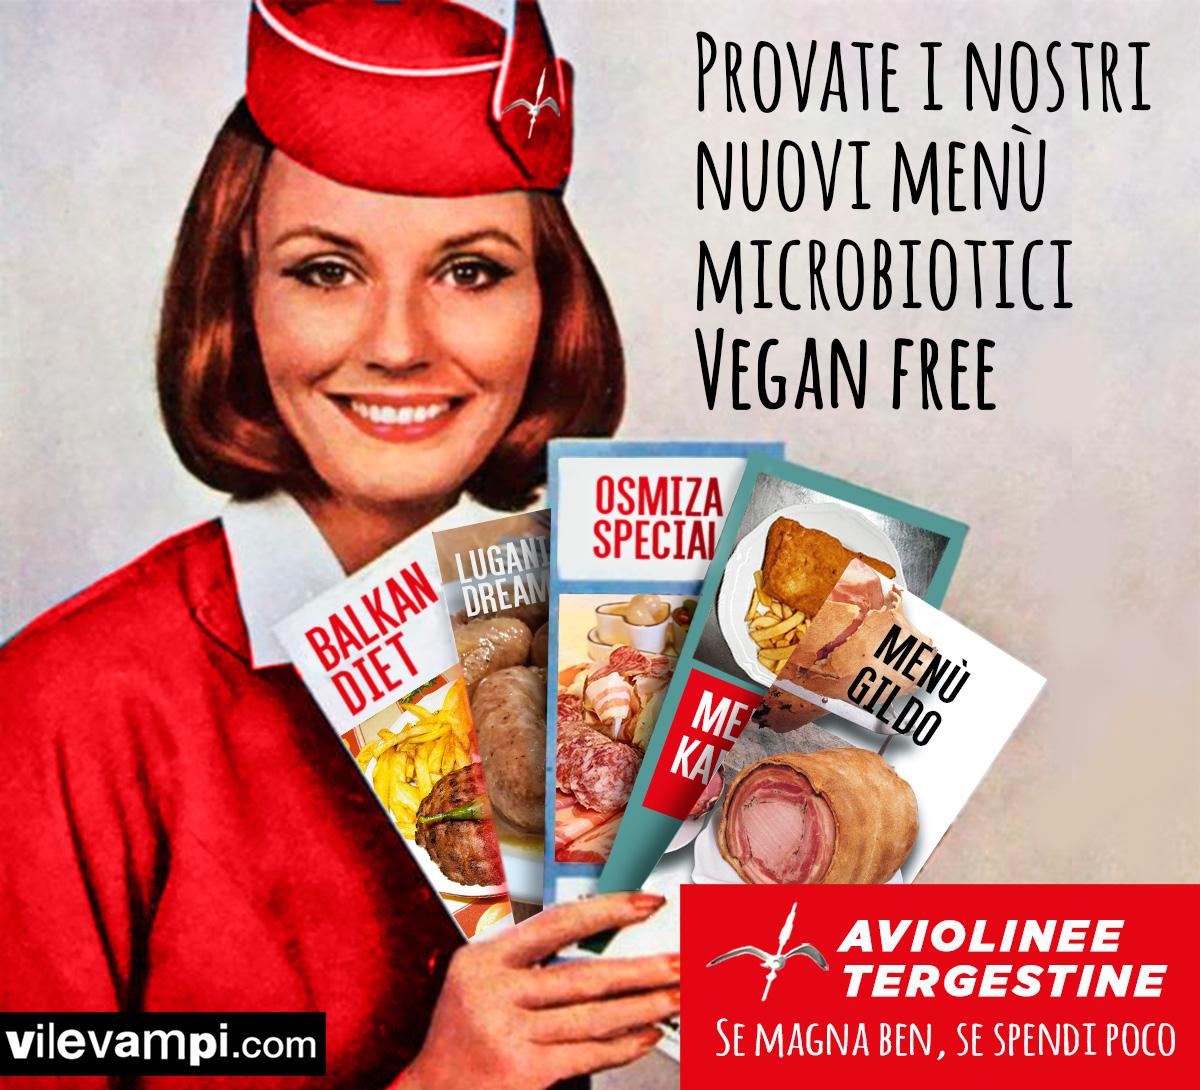 2020_Aviolinee_TS_menu-vegan-free